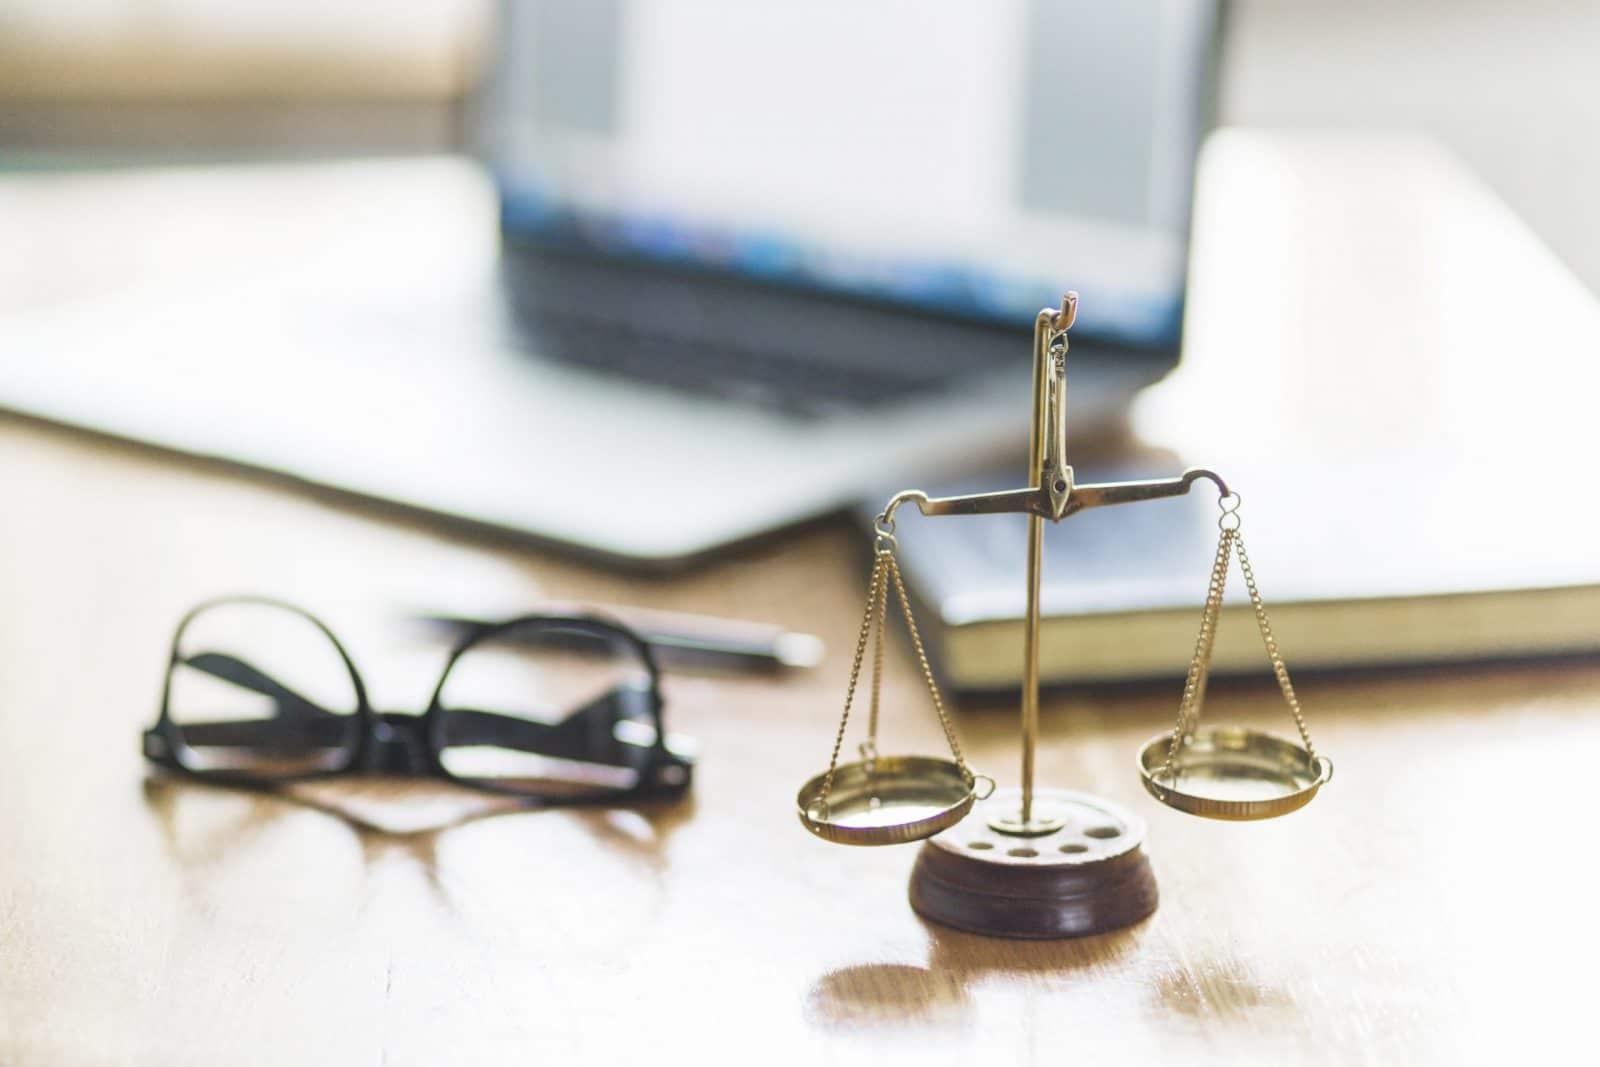 תביעה אזרחית נגררת לפלילים